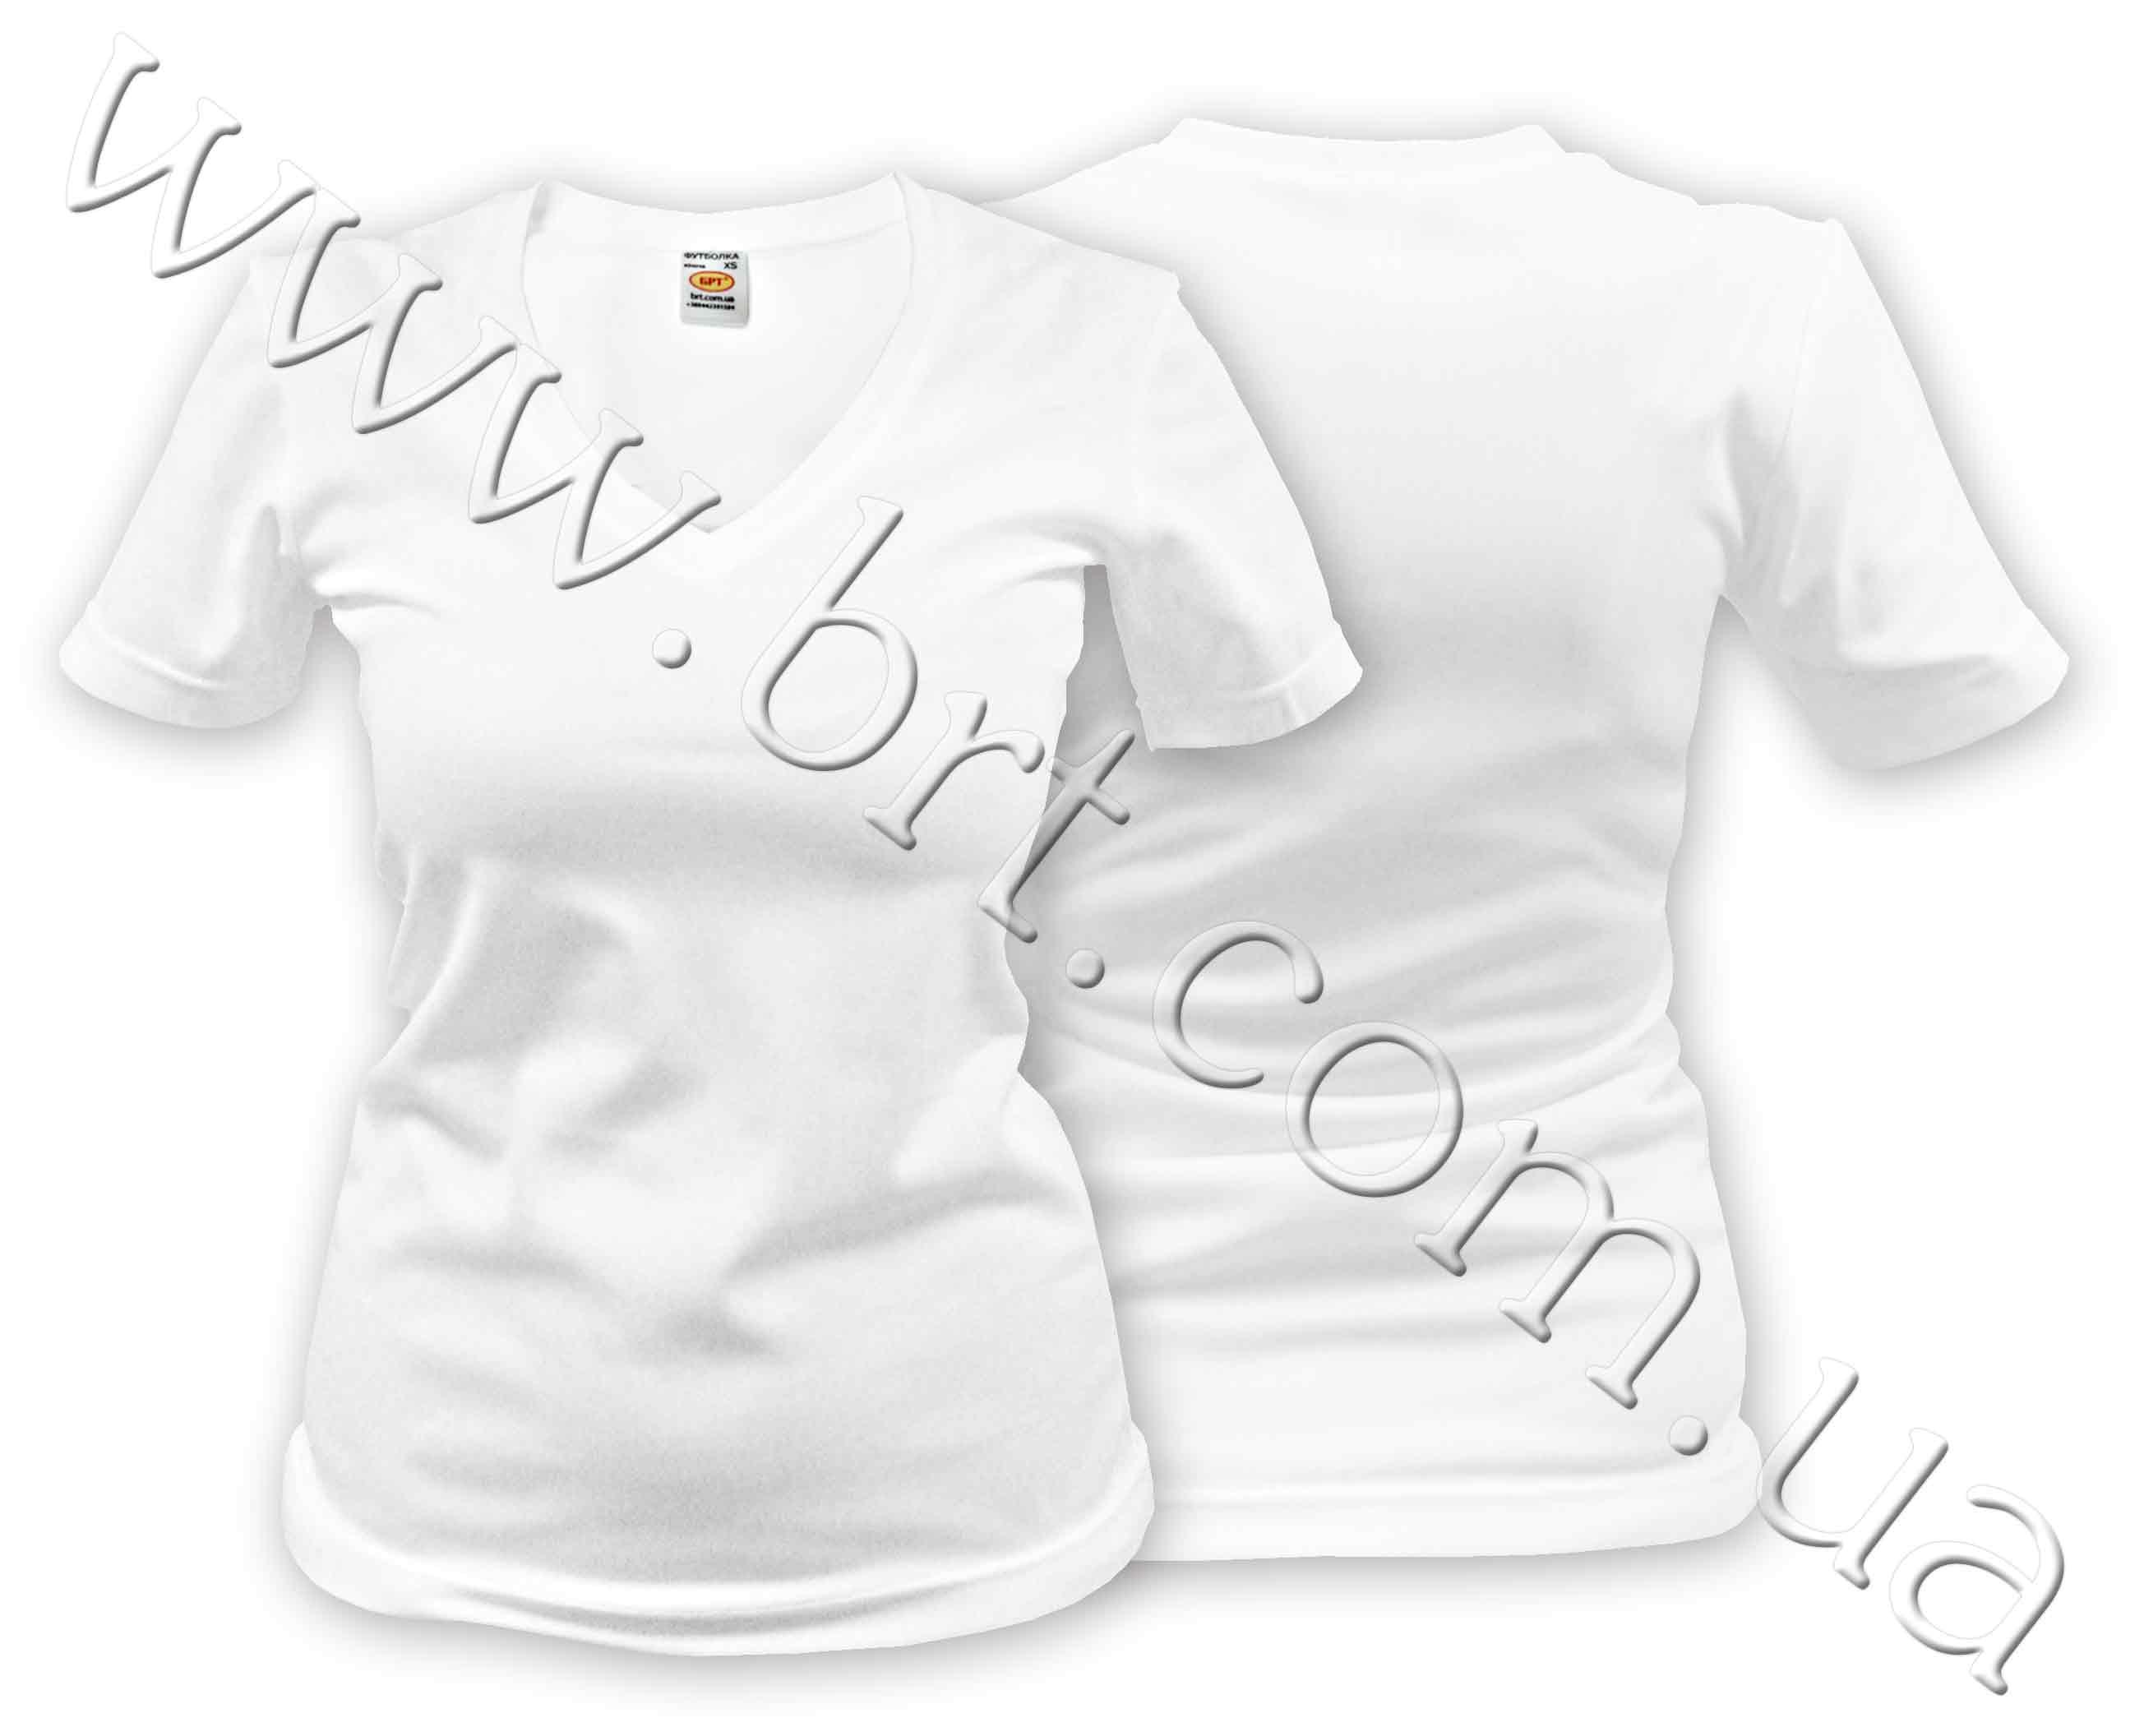 футболки и майки для печати